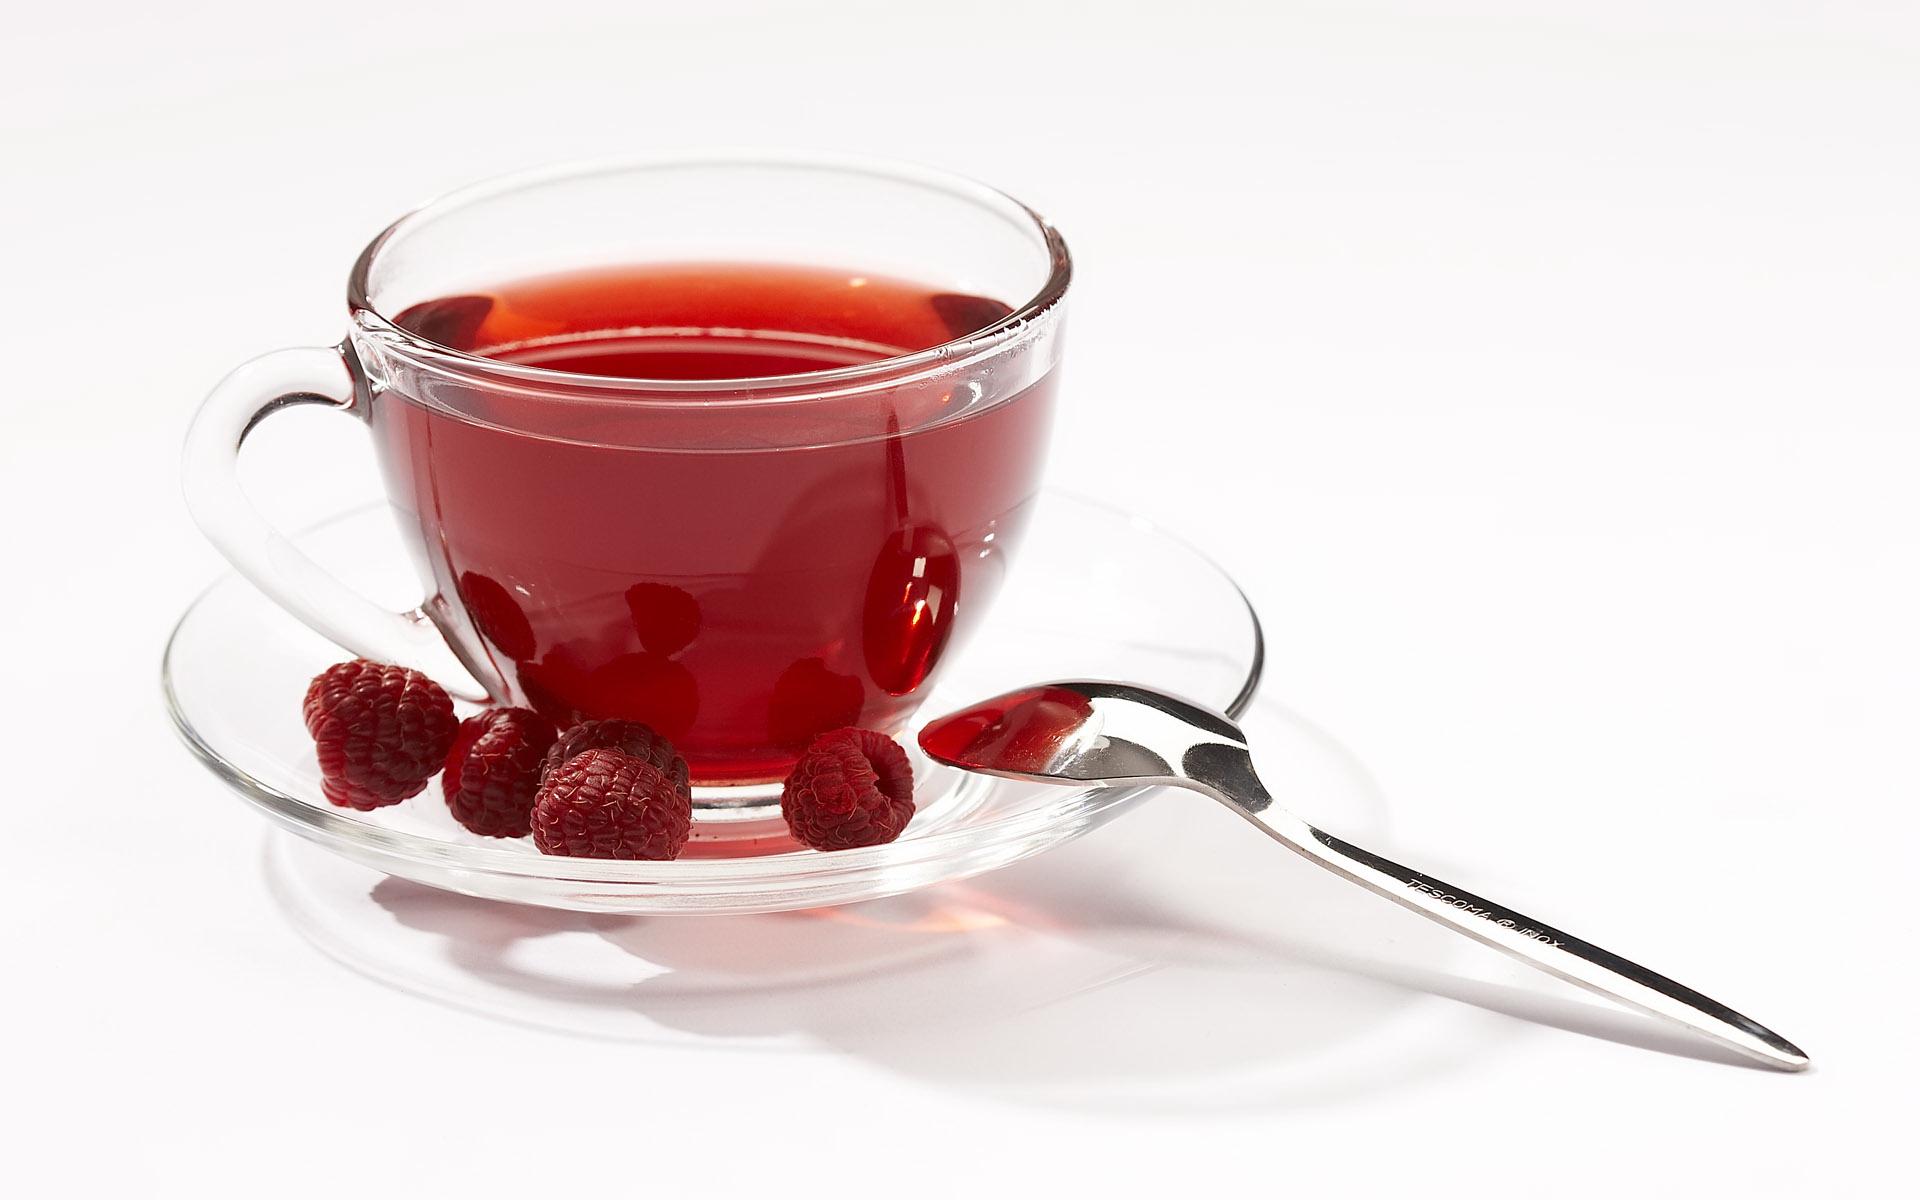 cup of tea - HD1920×1200